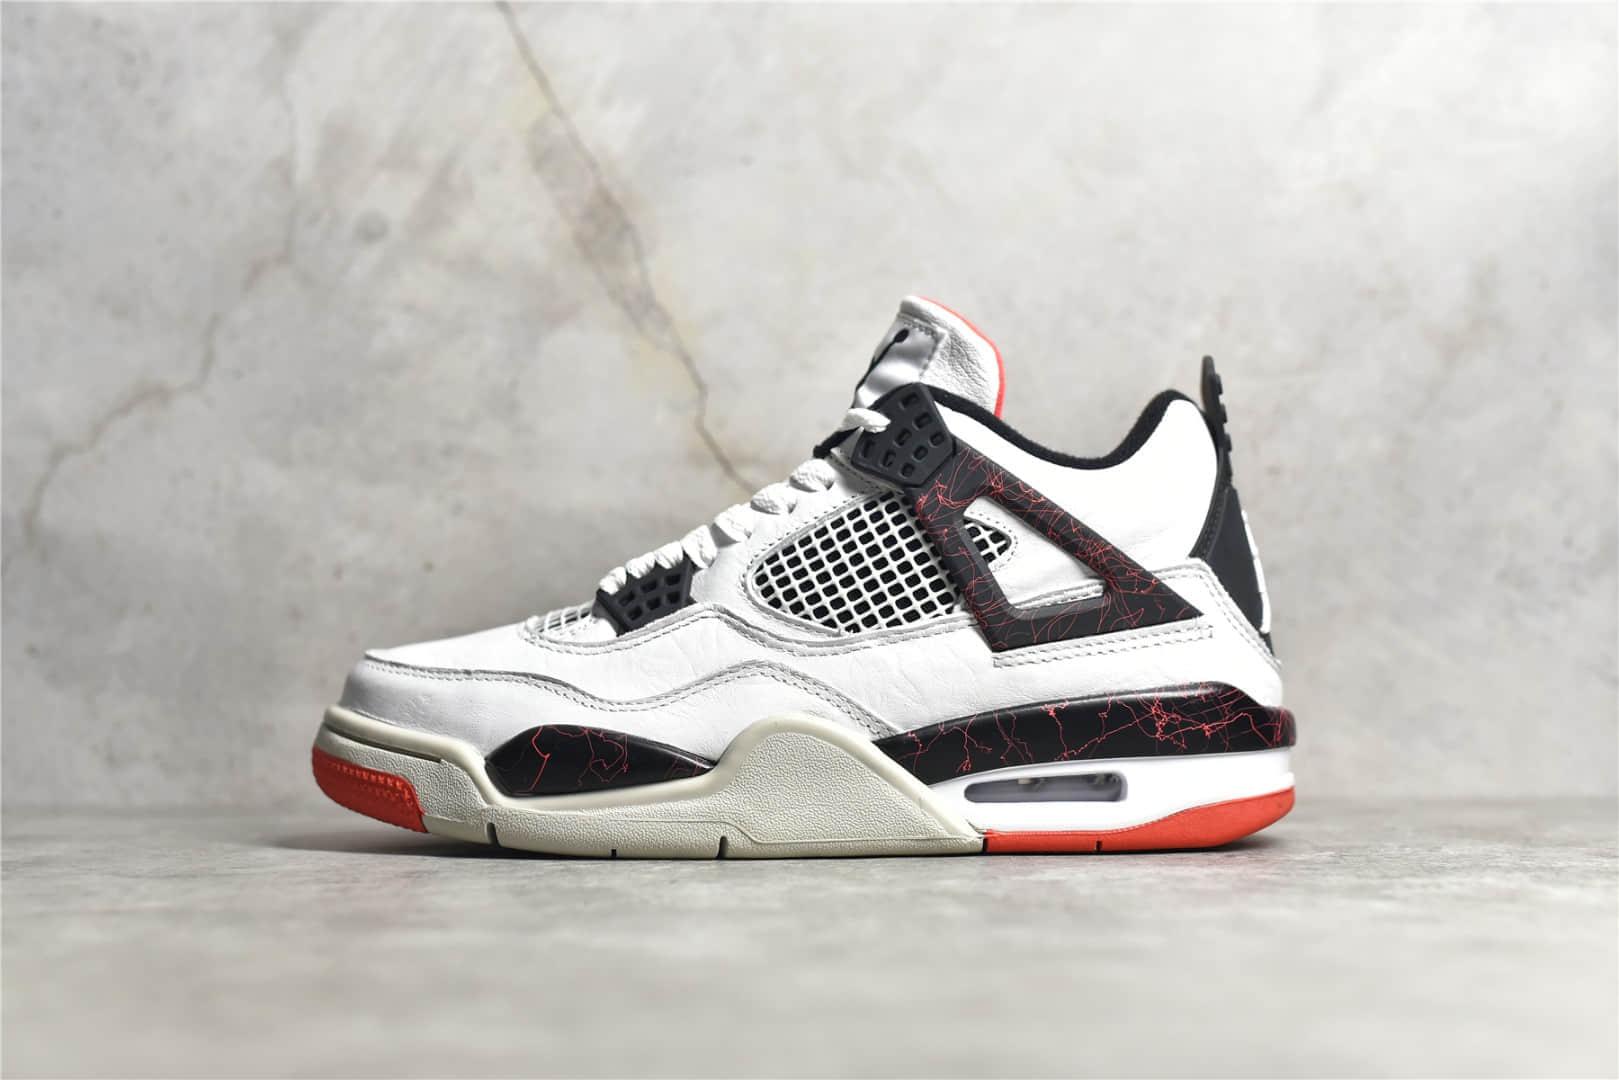 AJ4热熔岩实战篮球鞋 Air Jordan 4 Hot Lava 莞产纯原版本AJ4多个配色 AJ4原厂材料复刻 货号:408452-116-潮流者之家